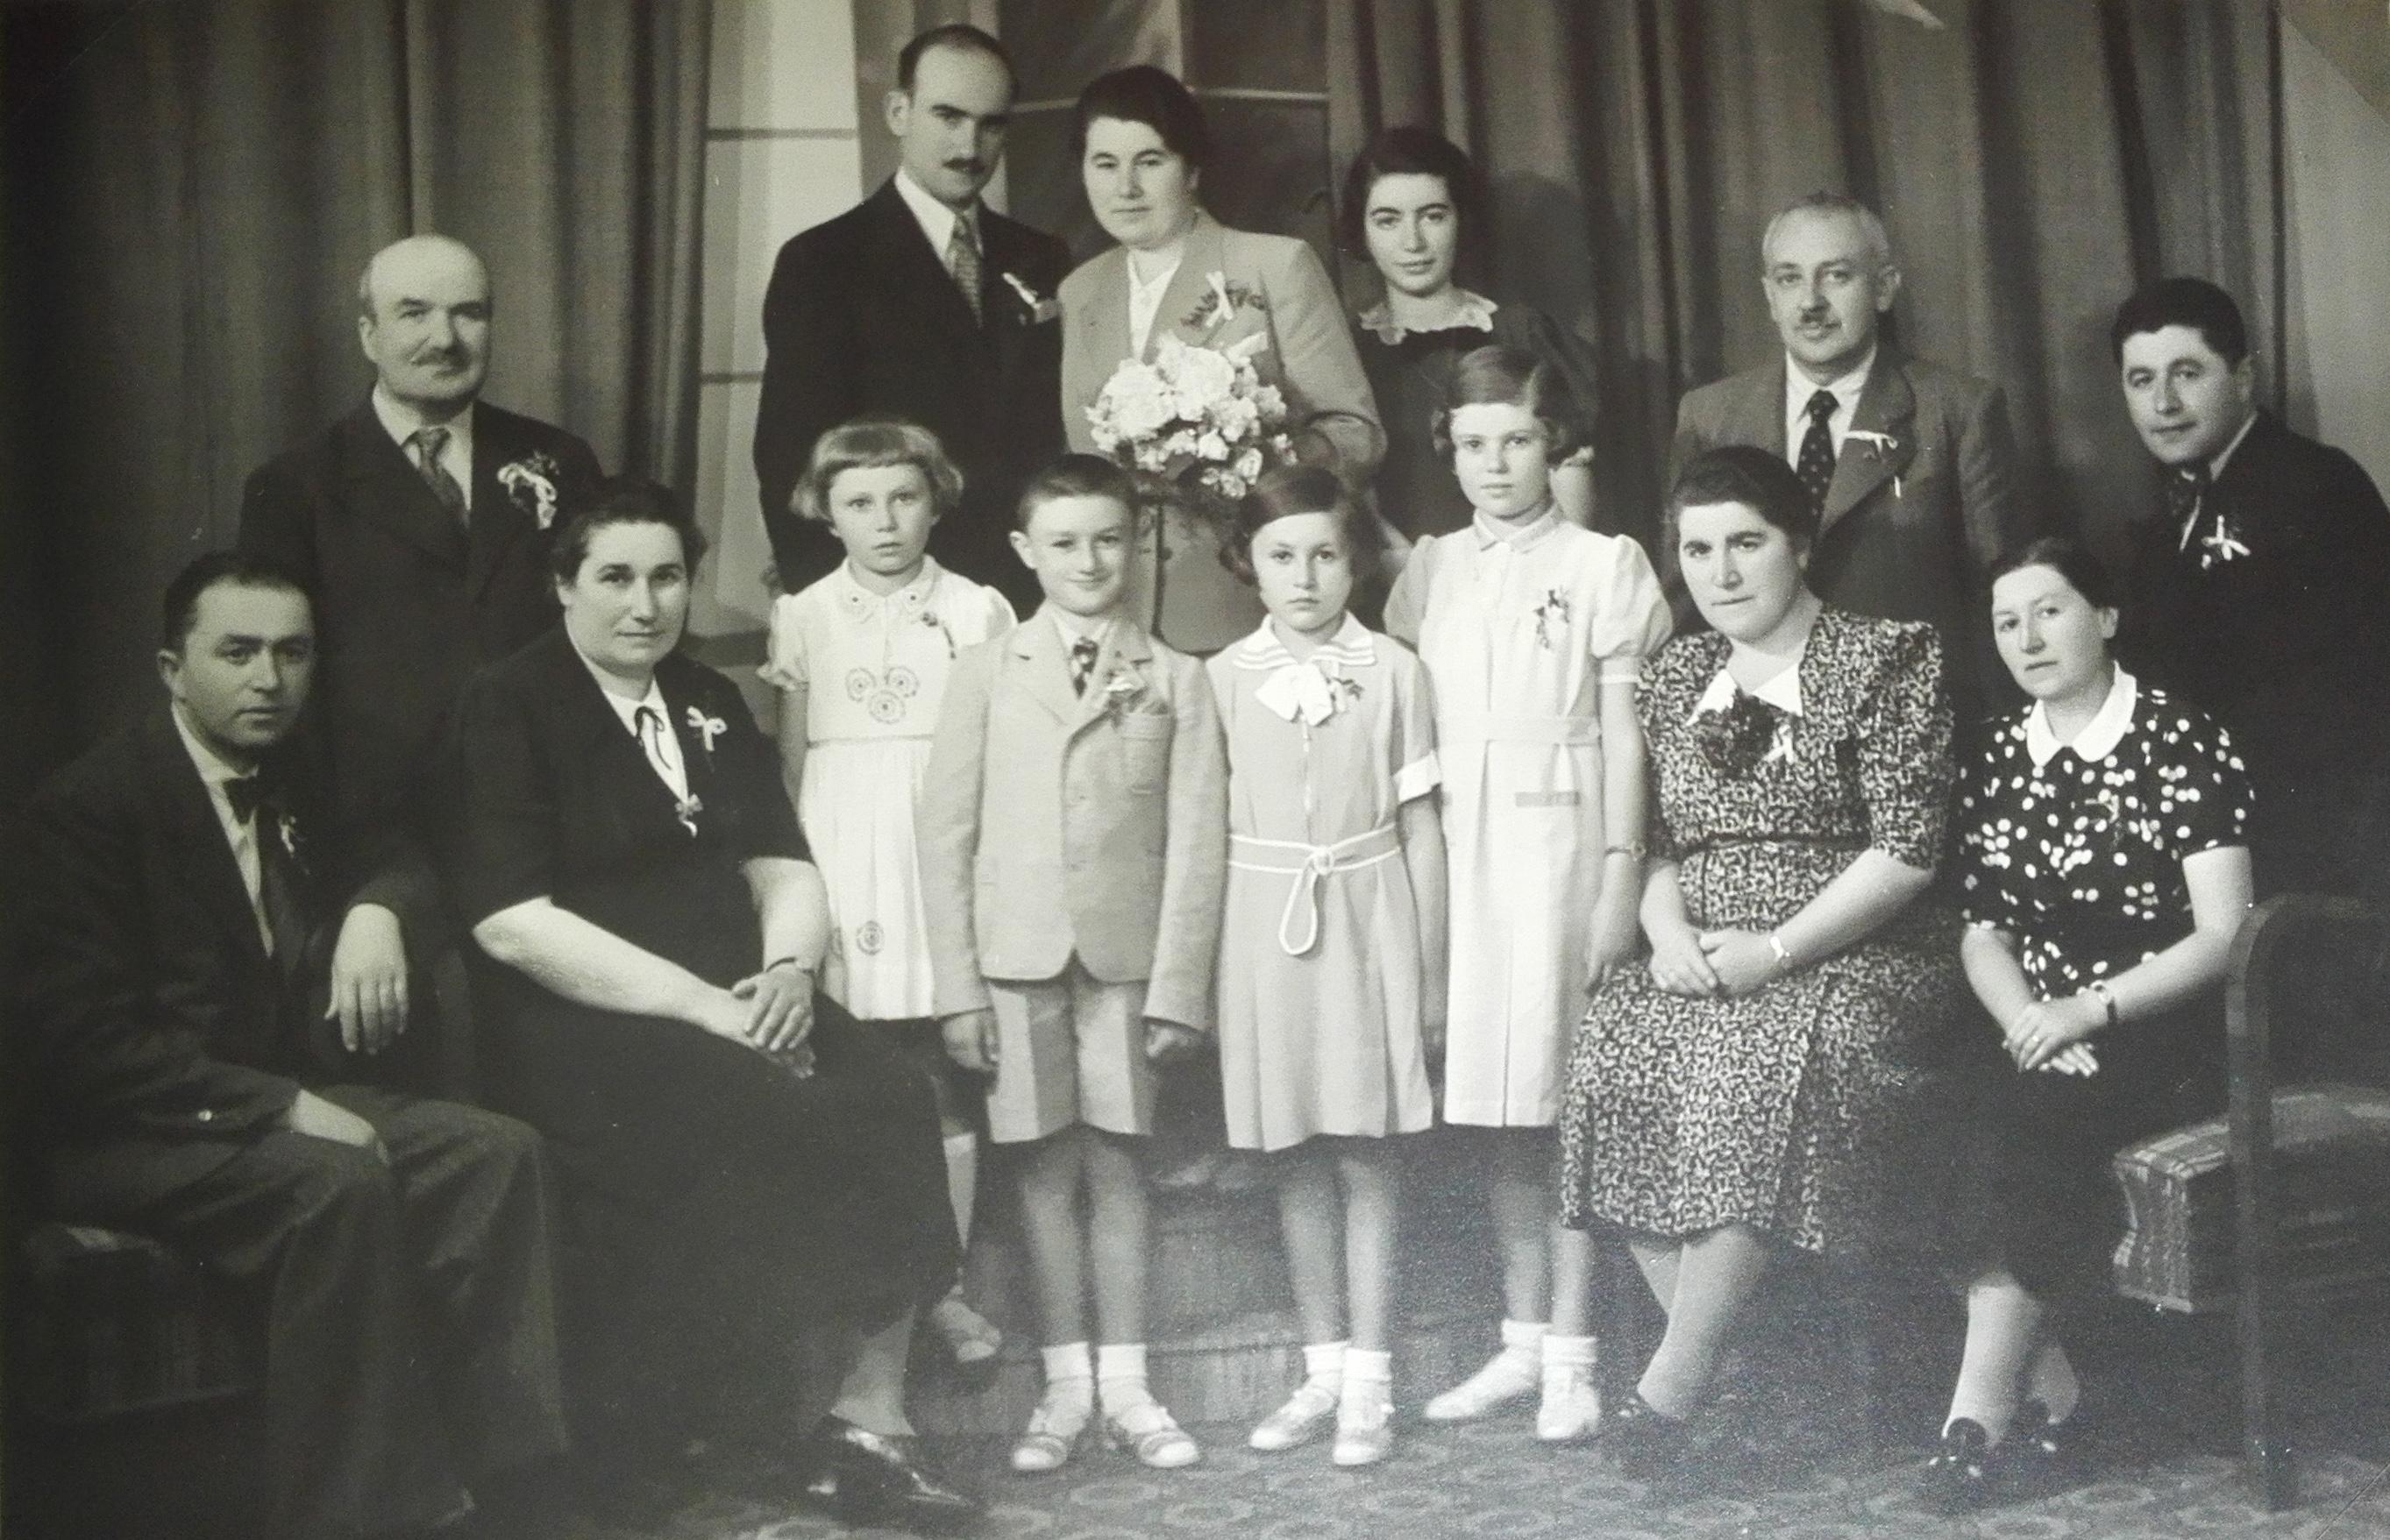 Svatební fotografie Jaroslava Lustiga s první manželkou Bohumilou. Vedle nevěsty stojí Zdeňka Ledererová, její otec Emil Lederer a (zřejmě) Ludvík Poláček.